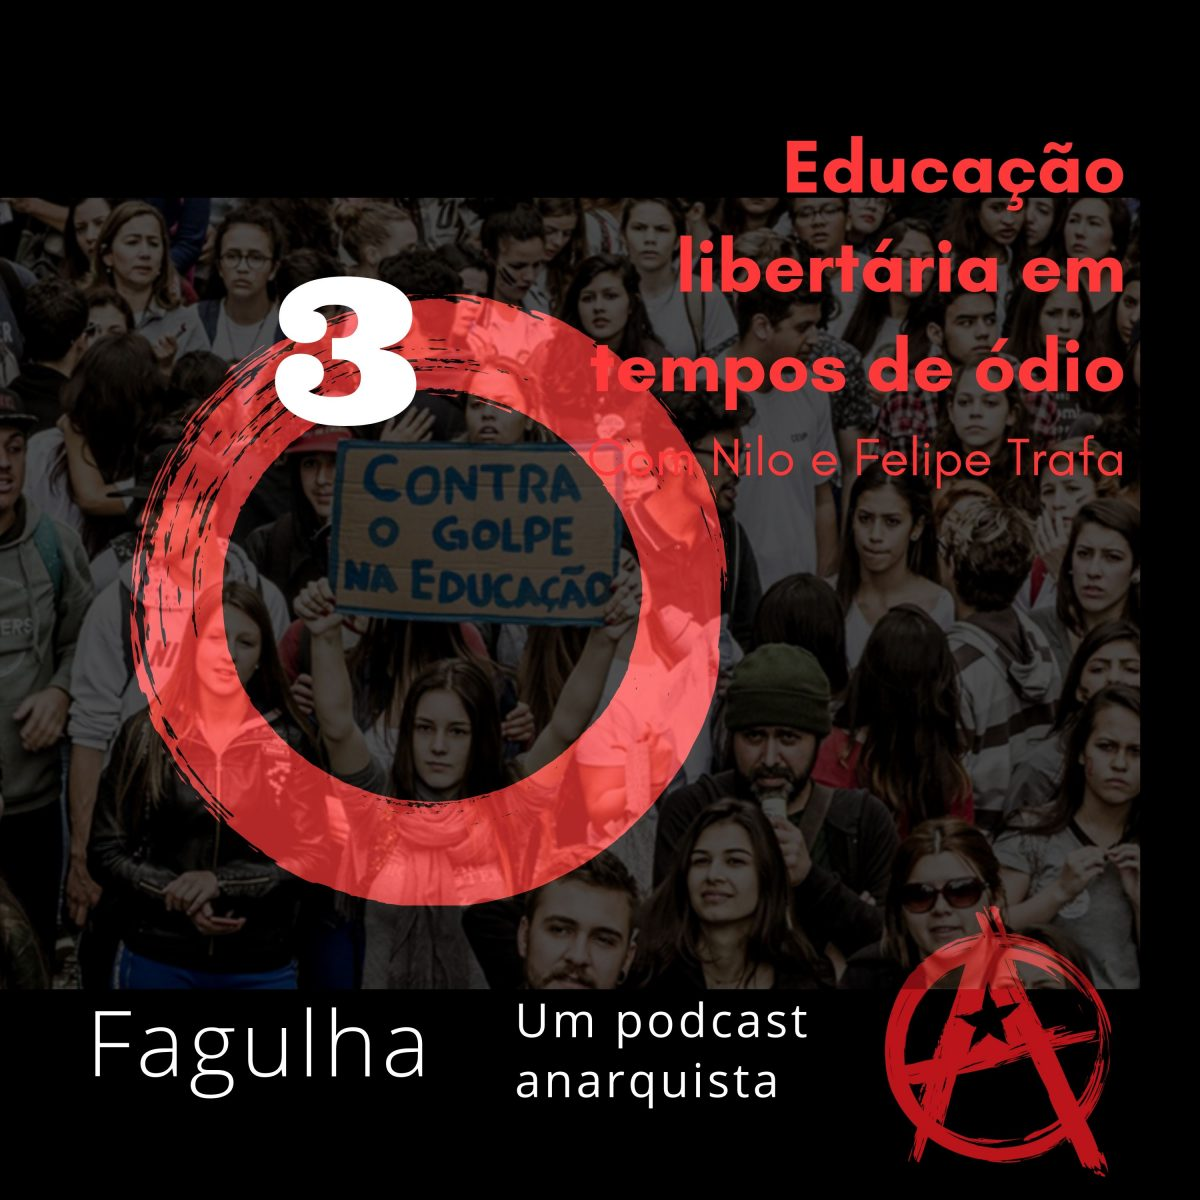 #03: Educação libertária em tempos de ódio, com Nilo e Felipe Trafa